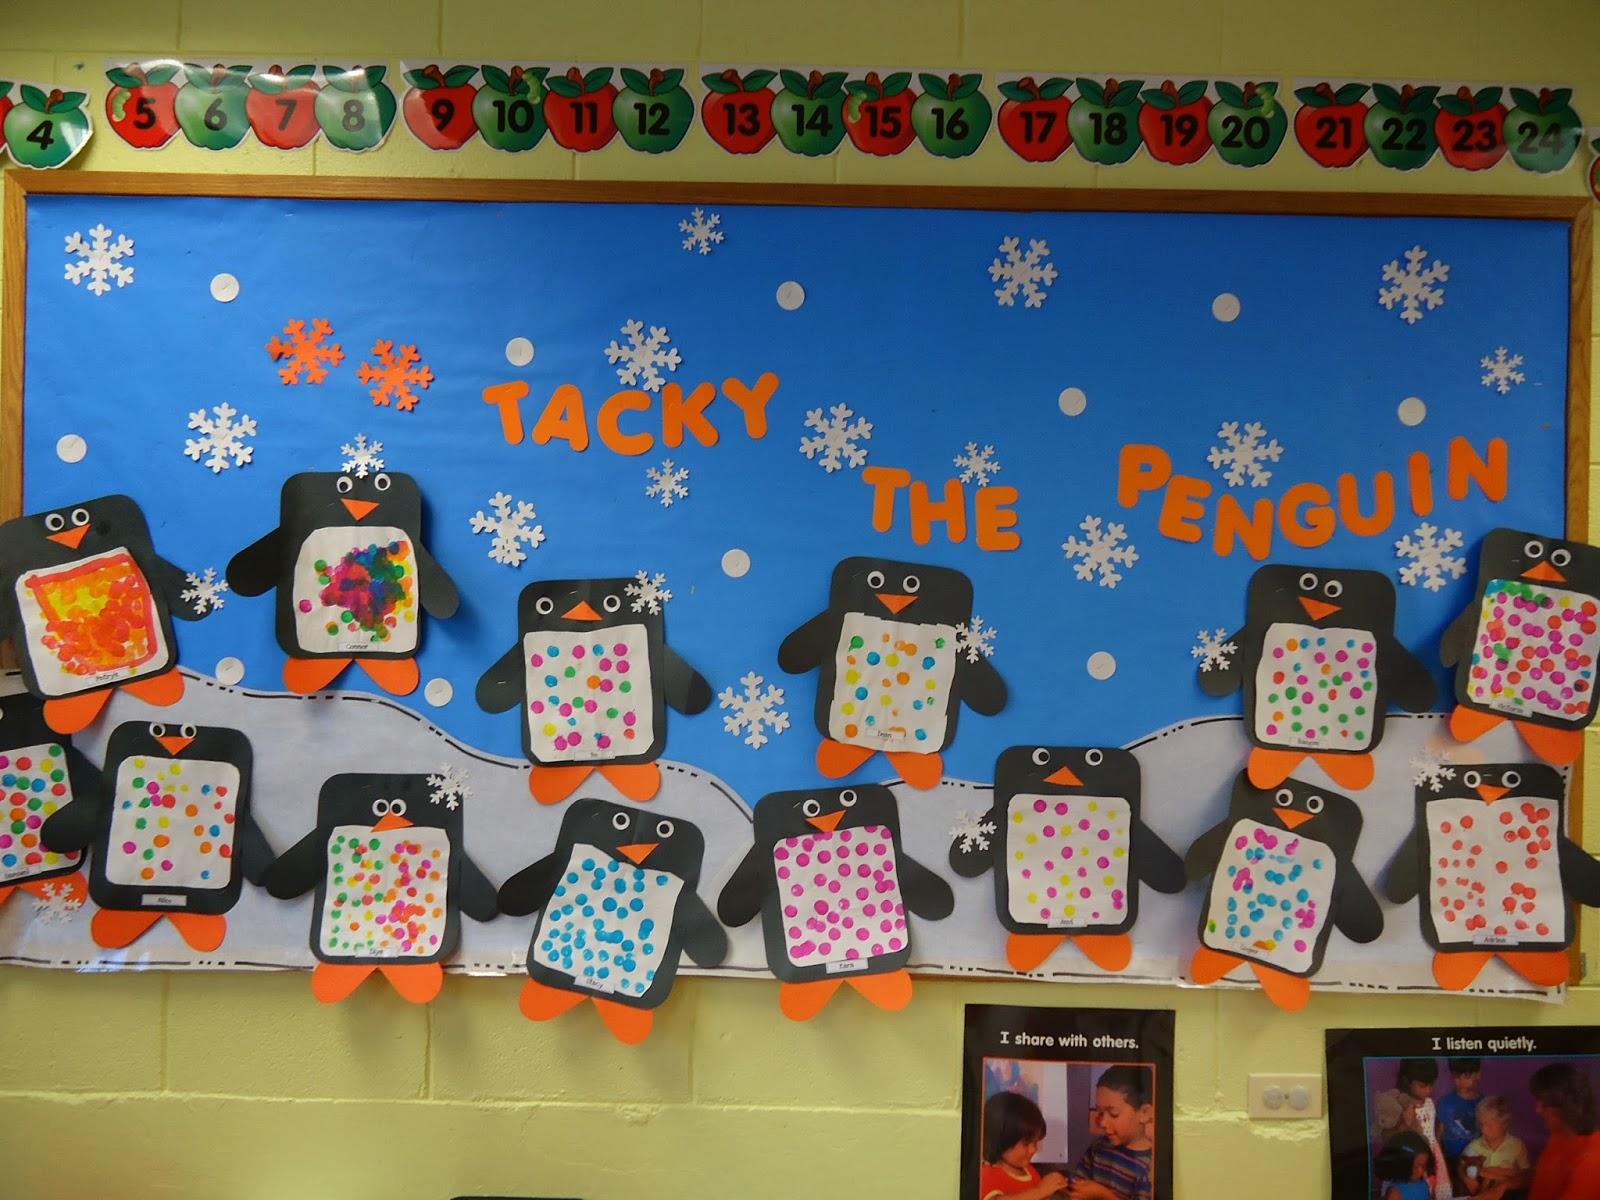 Trinity Preschool Mount Prospect Tacky The Penguin